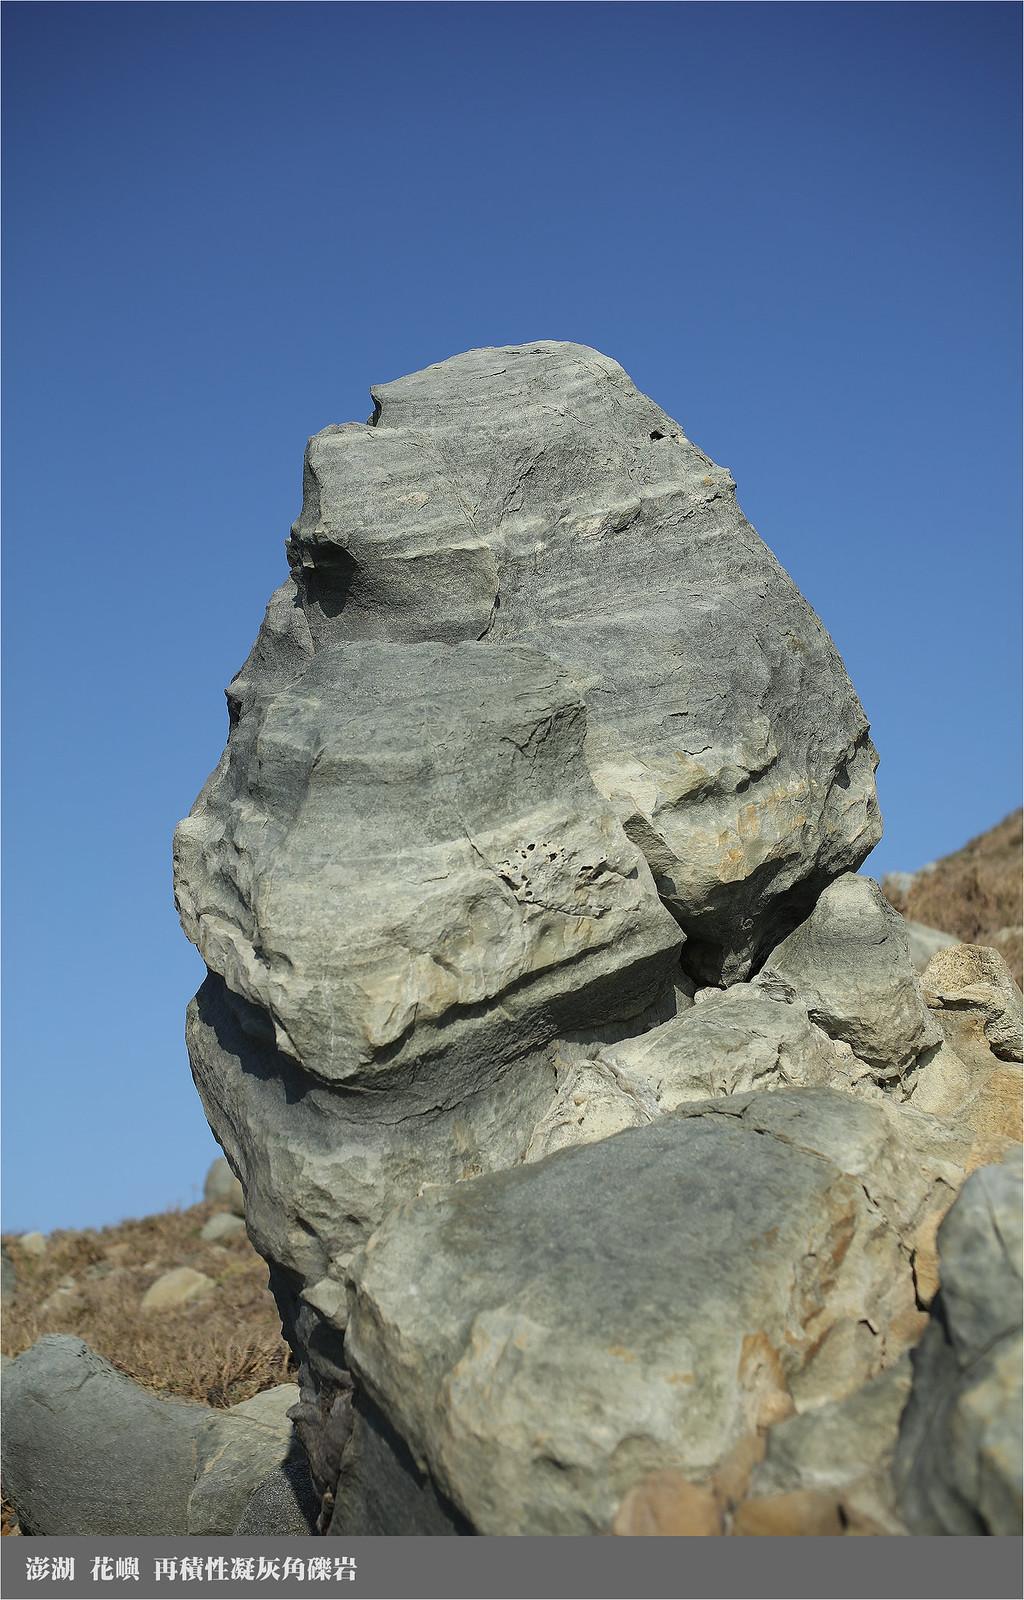 花嶼_再積性的火山屑碎岩